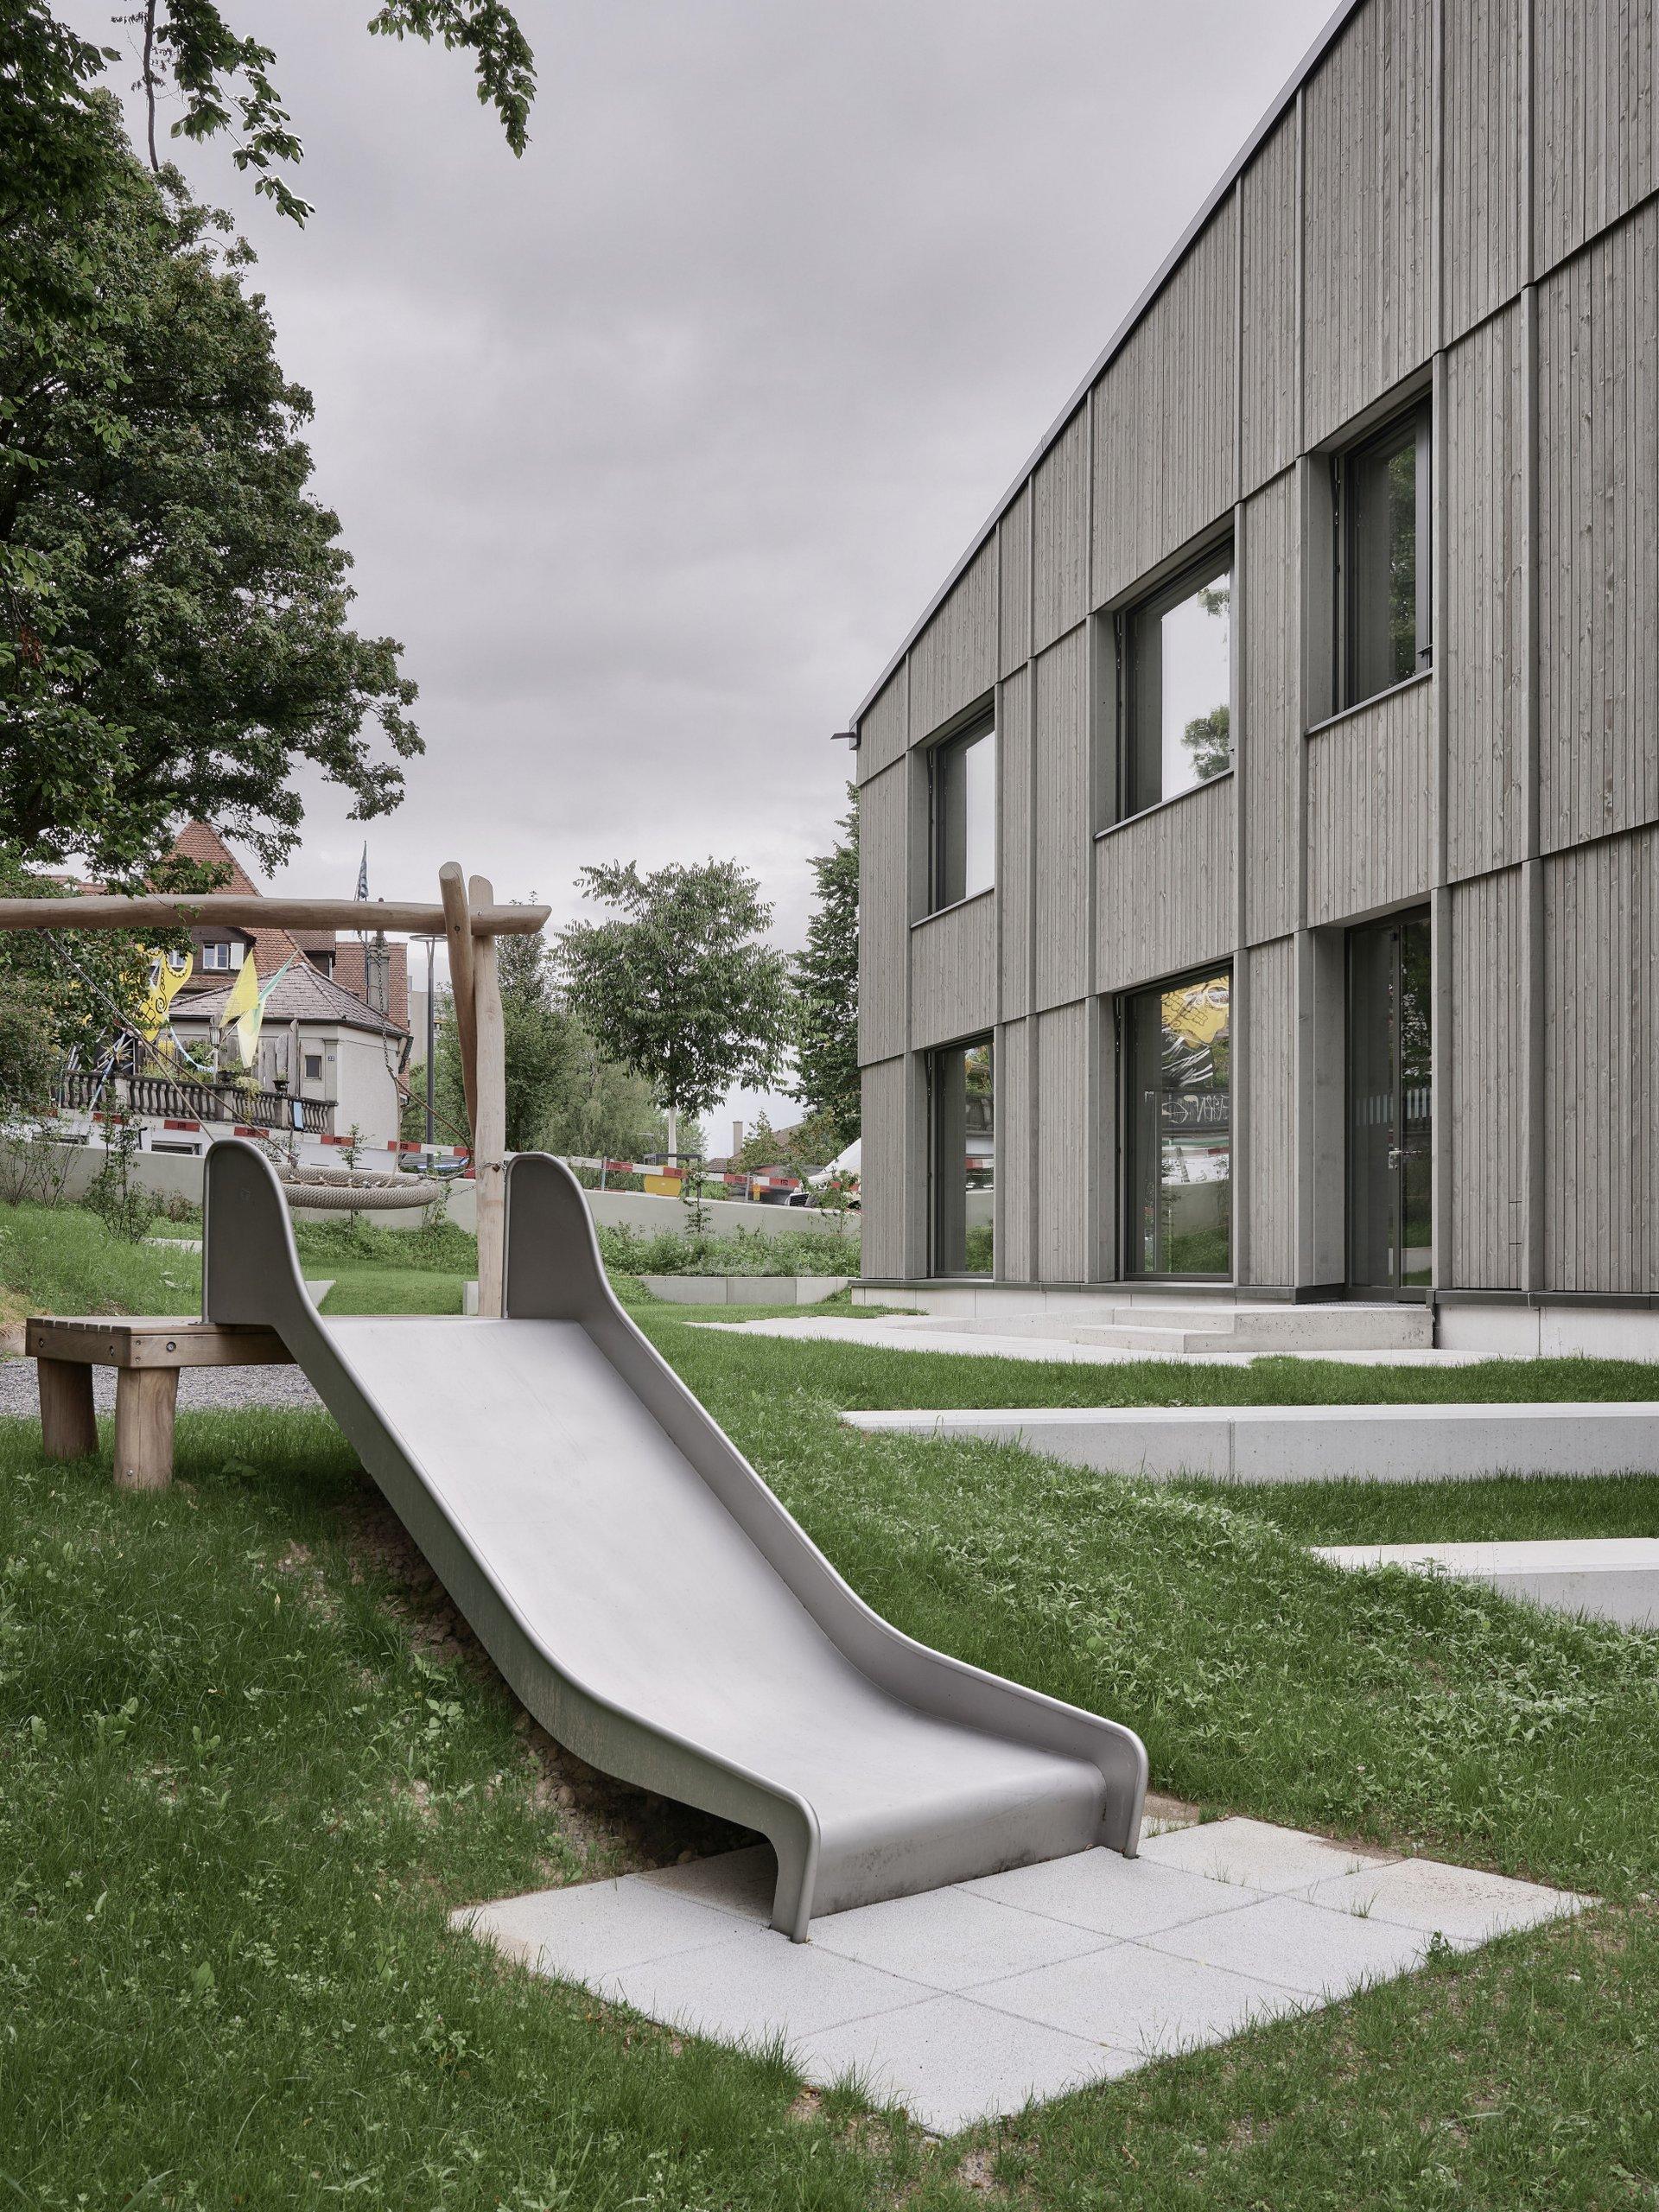 Eine breitgebaute metallene Rutschbahn auf dem Vorplatz eines Schulhauses.